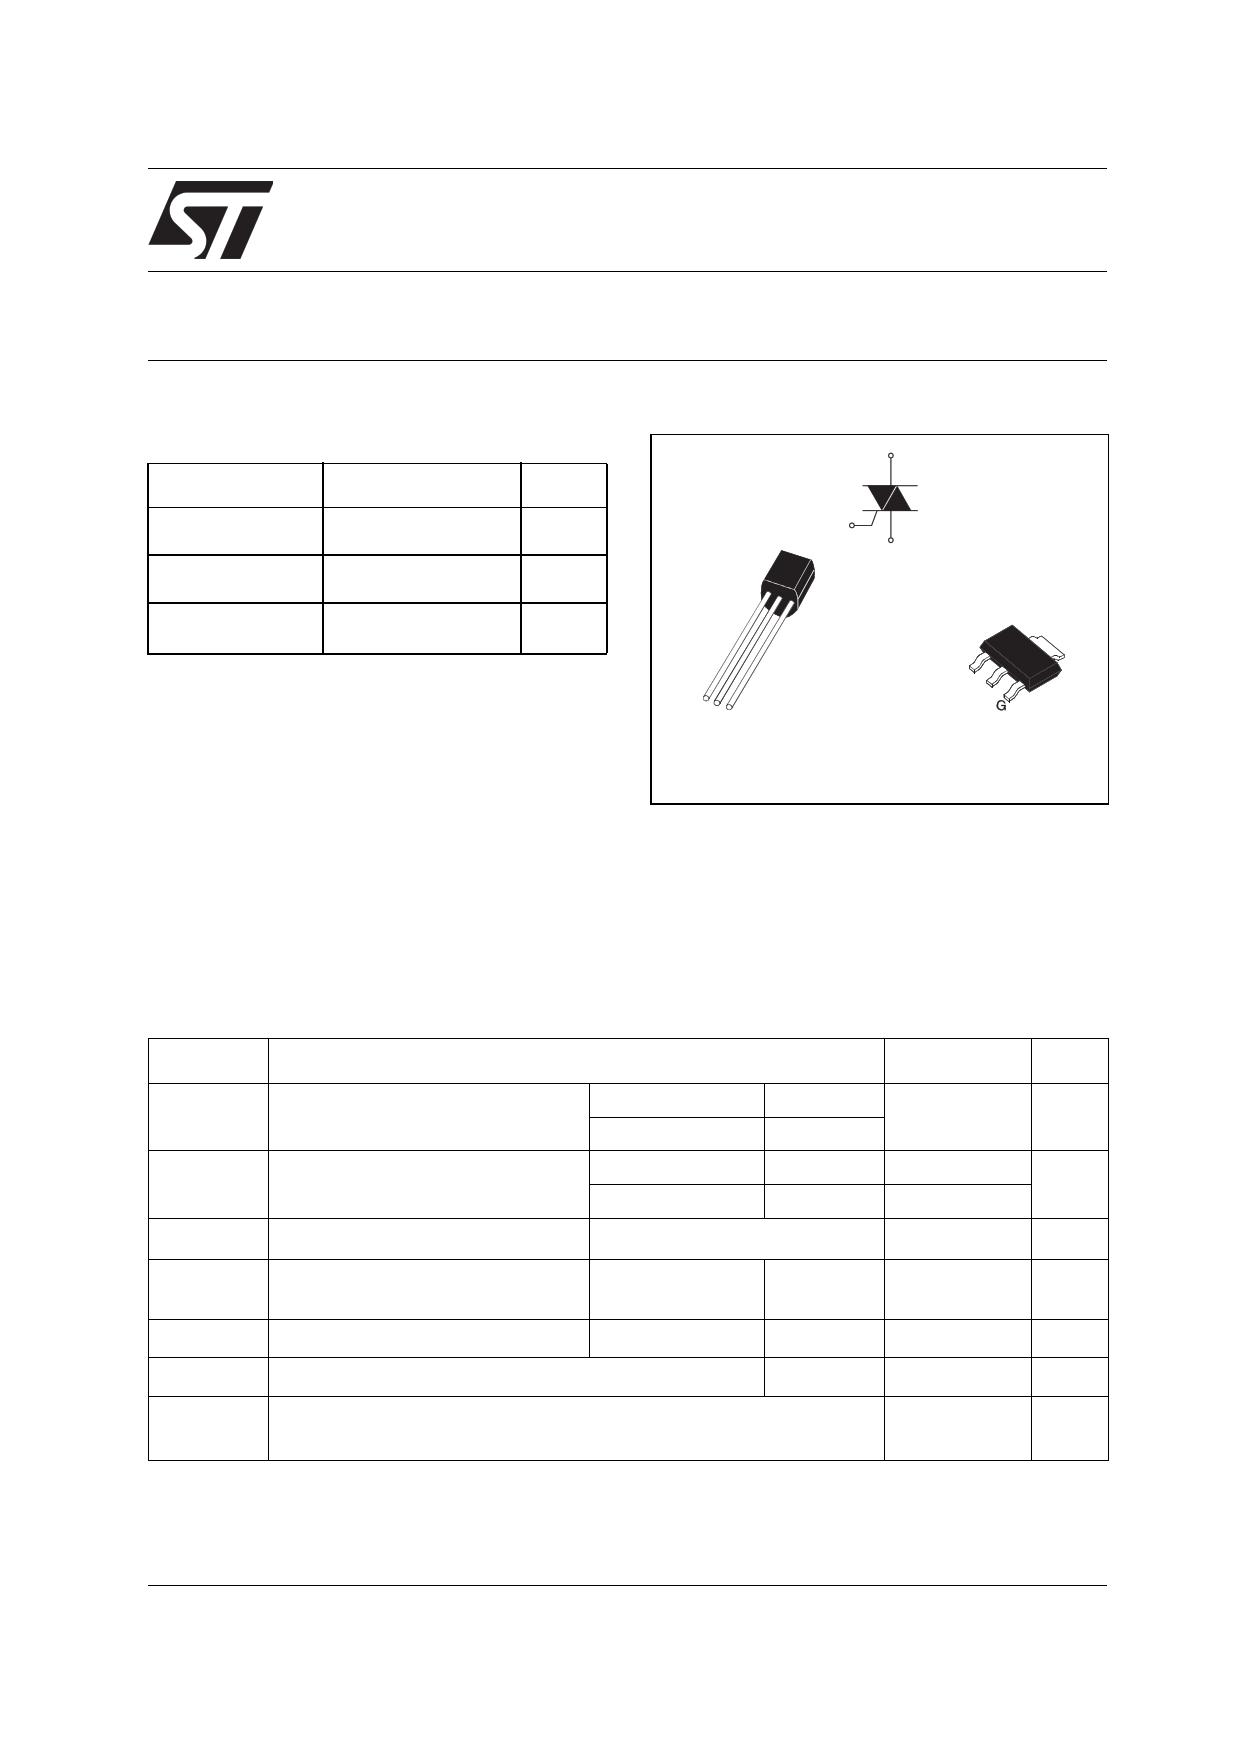 Z0107MN1AA2 datasheet